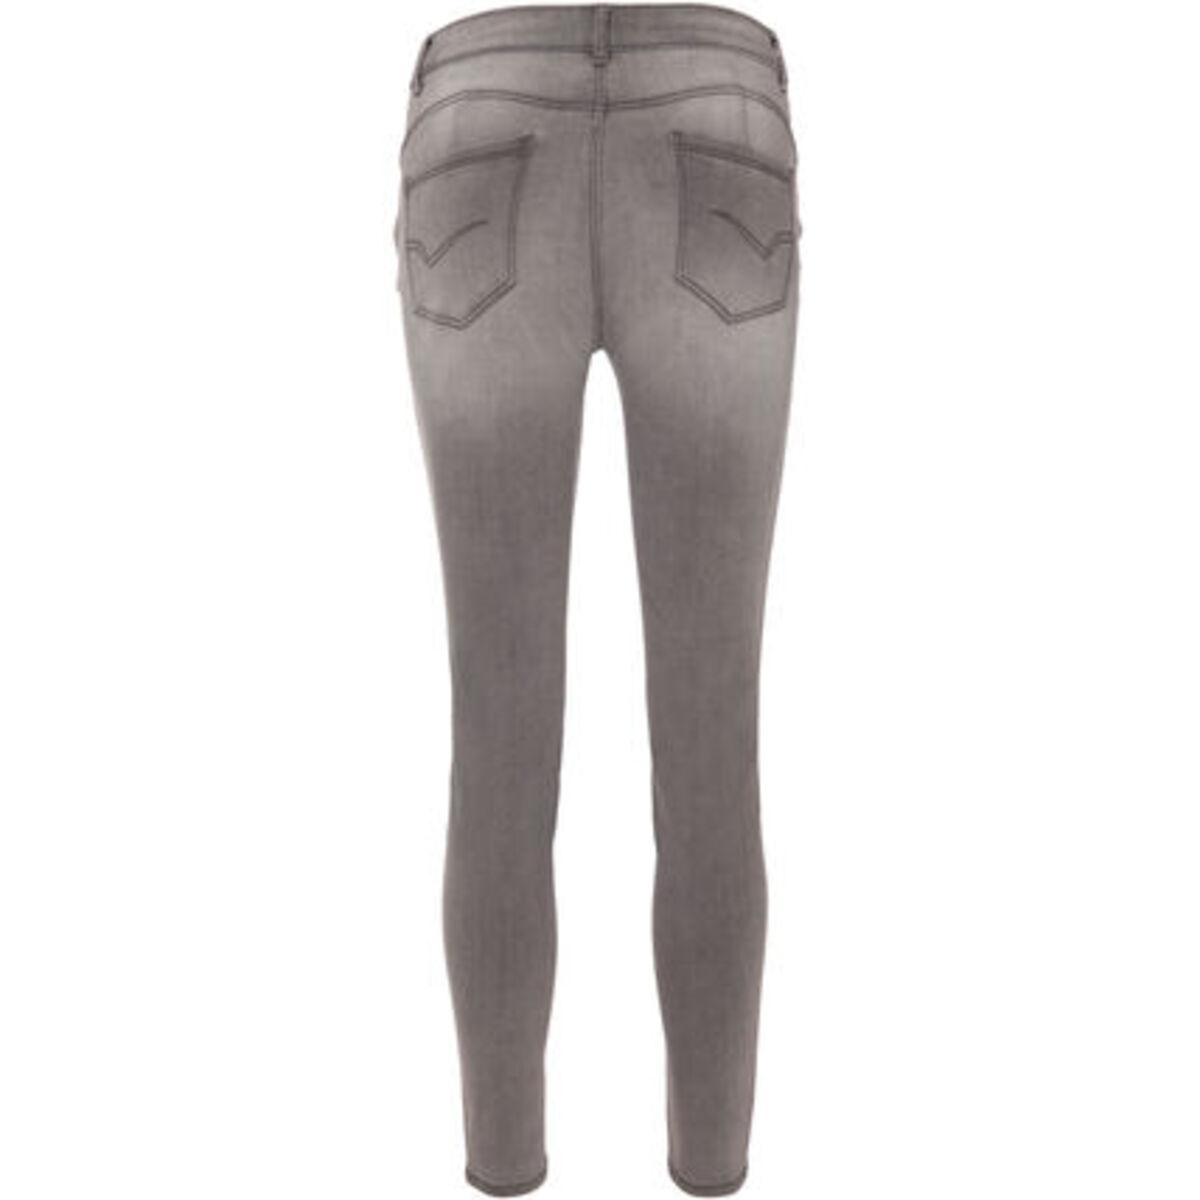 Bild 3 von MANGUUN Jeans, Slim Fit, destroyed-Look, für Damen